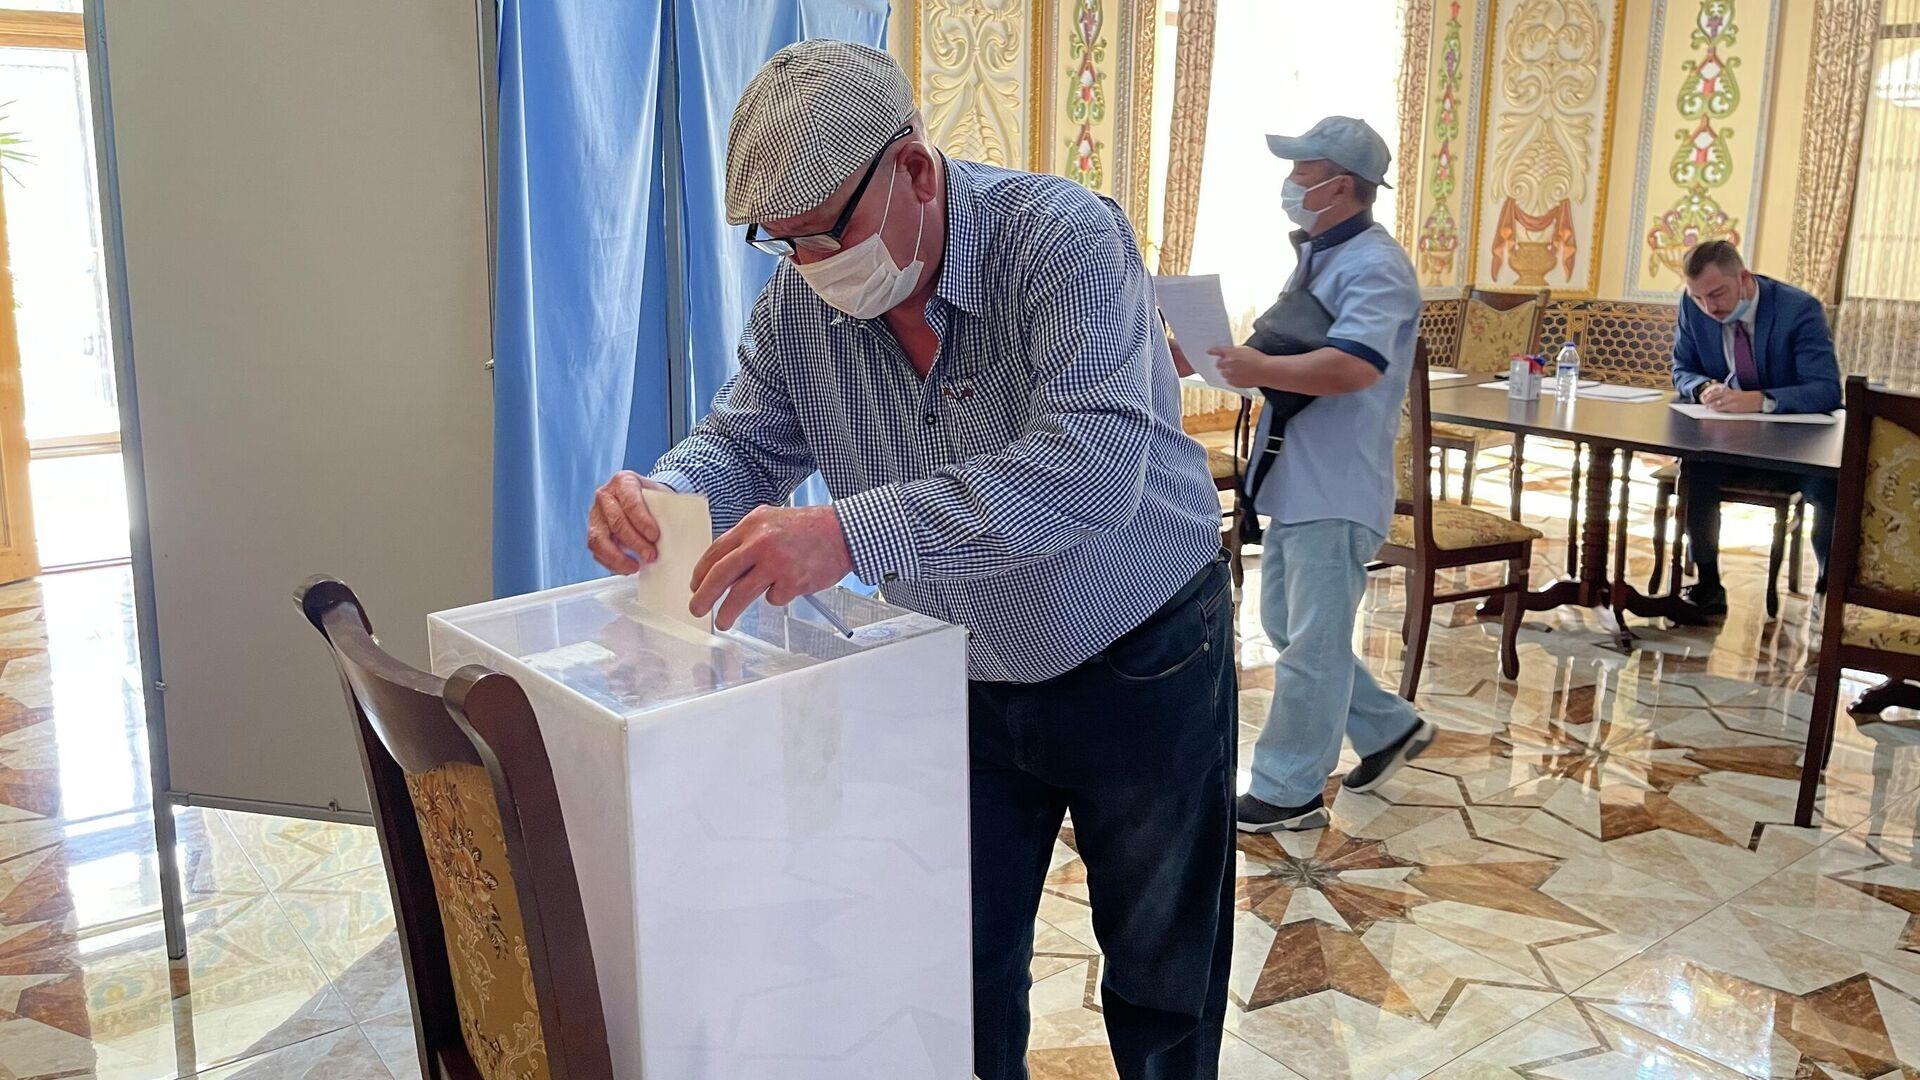 Избиратель голосует на выборах в Госдуму РФ на участке в Самарканде - Sputnik Узбекистан, 1920, 19.09.2021